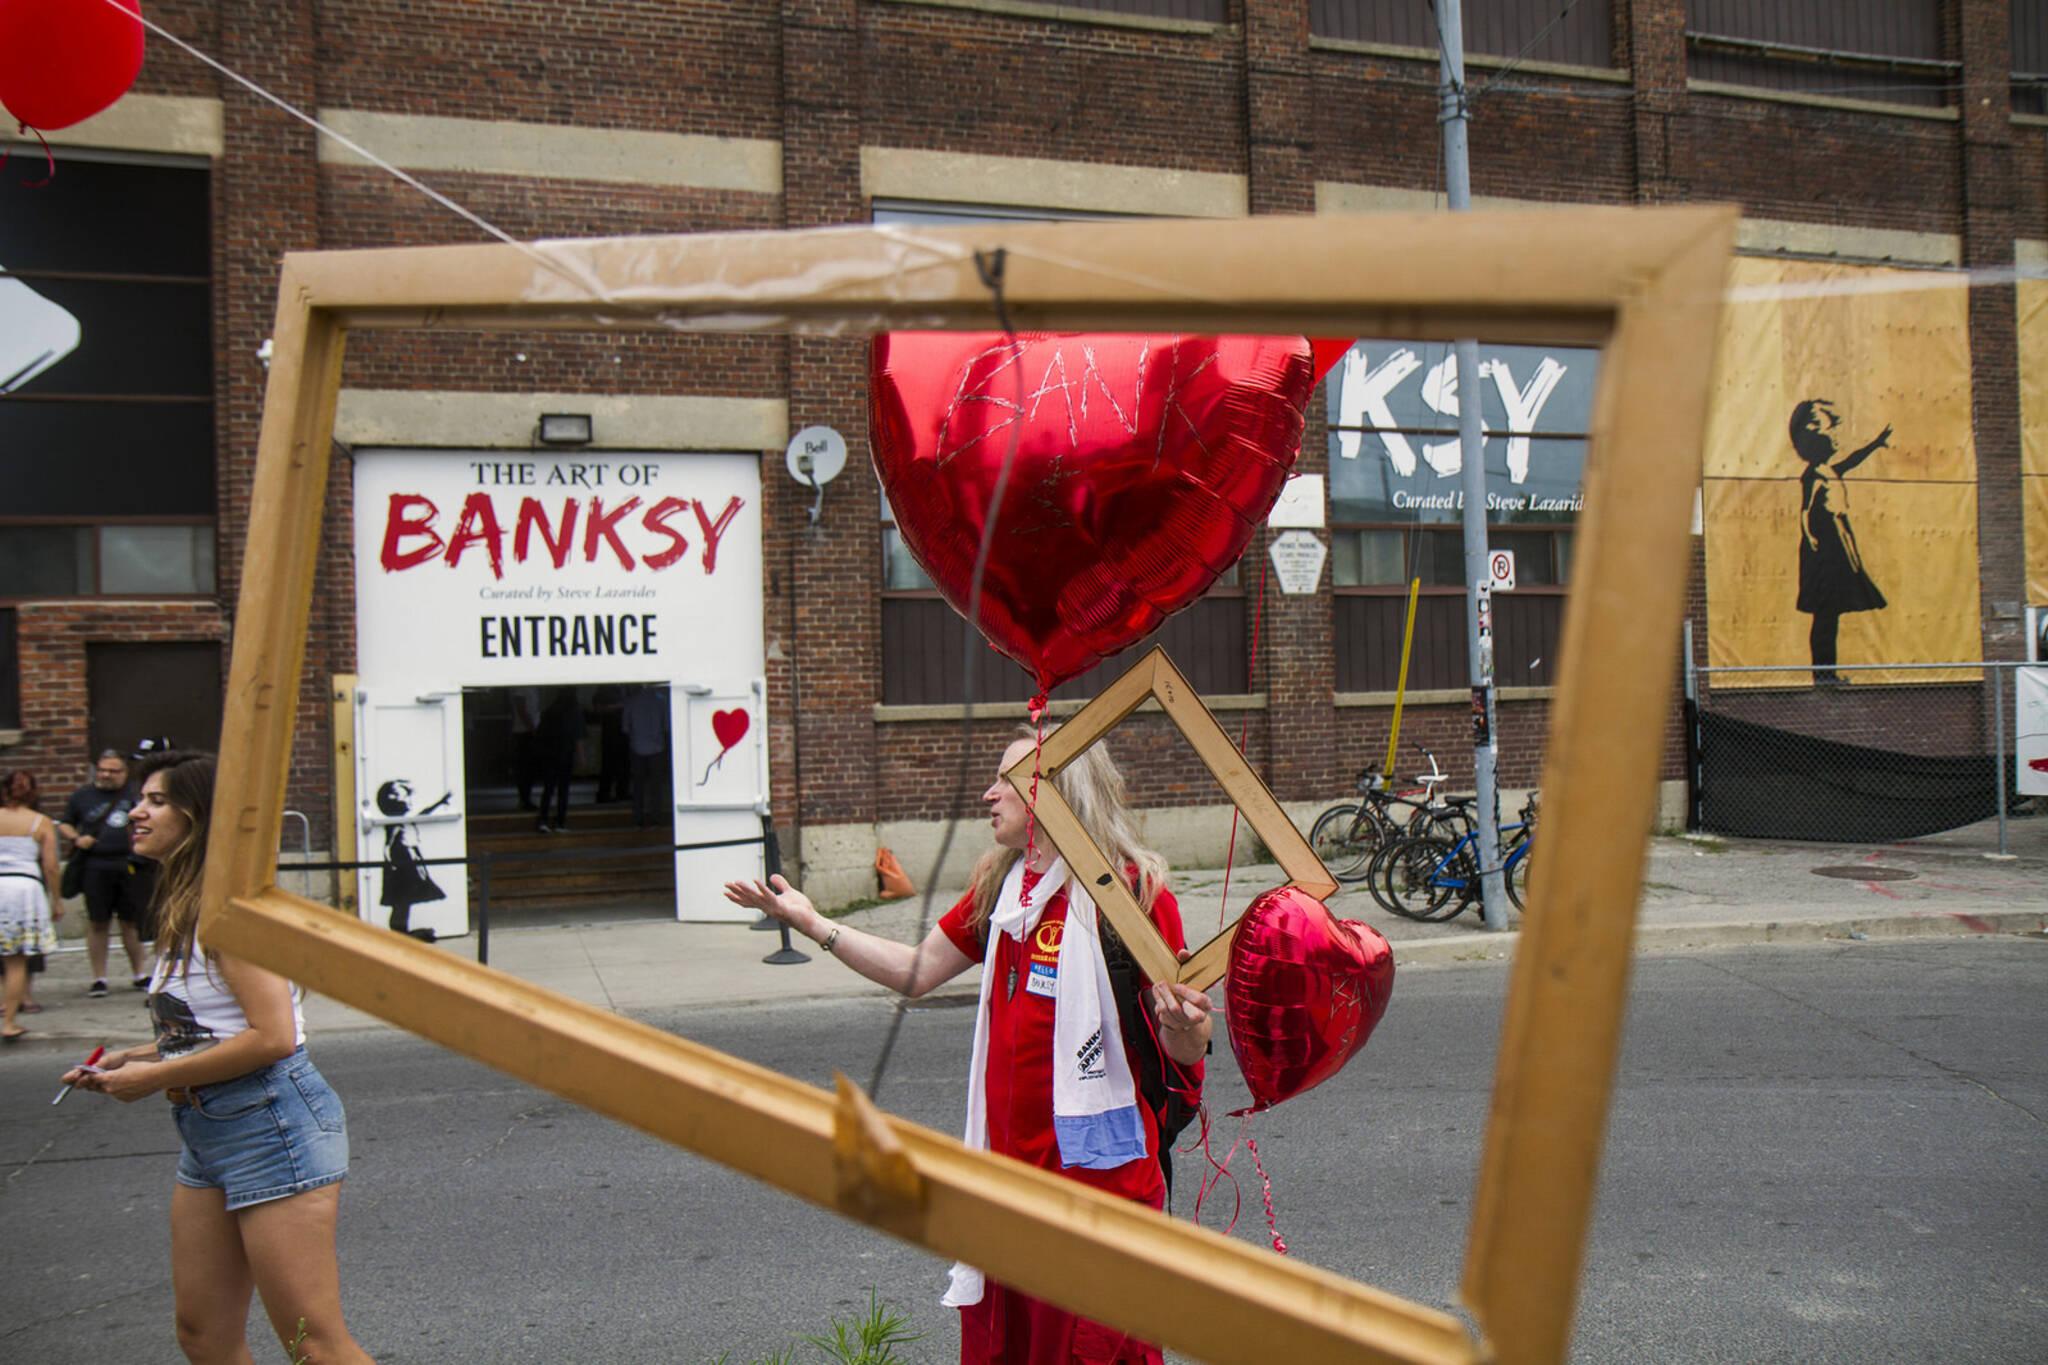 banksy exhibit toronto parody